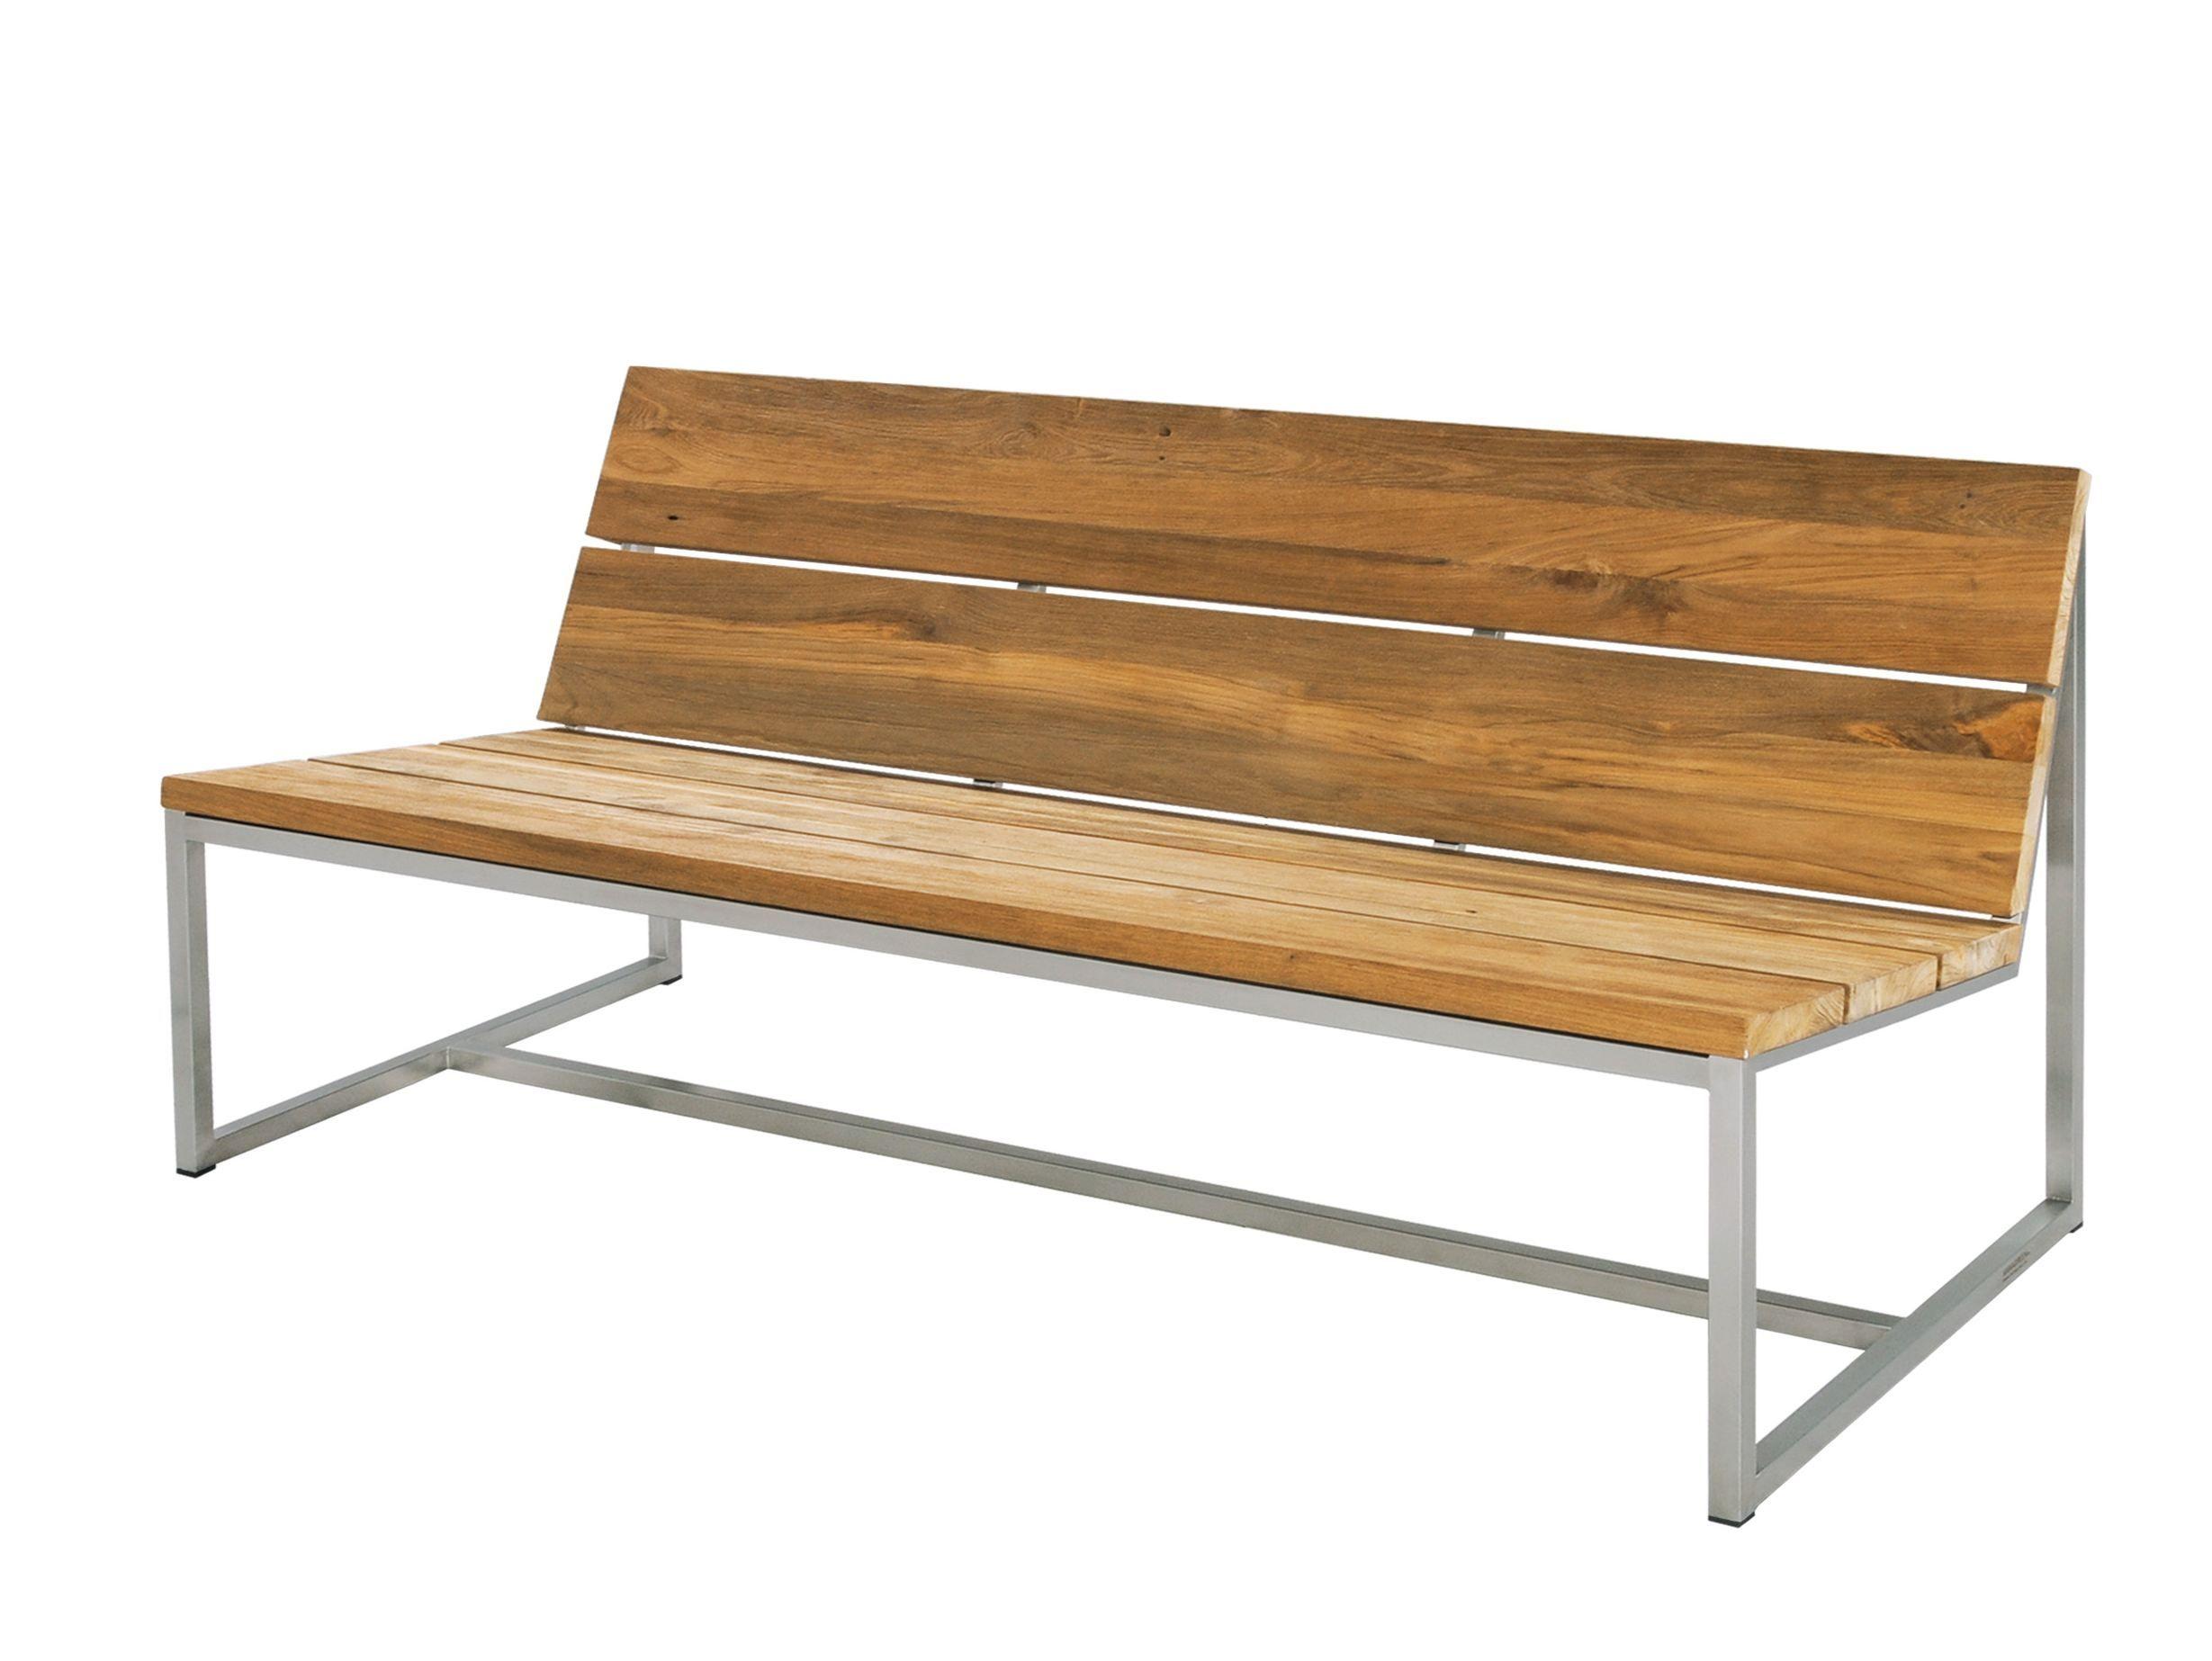 Banco de acero inoxidable y madera para jard n con for Banco madera jardin carrefour